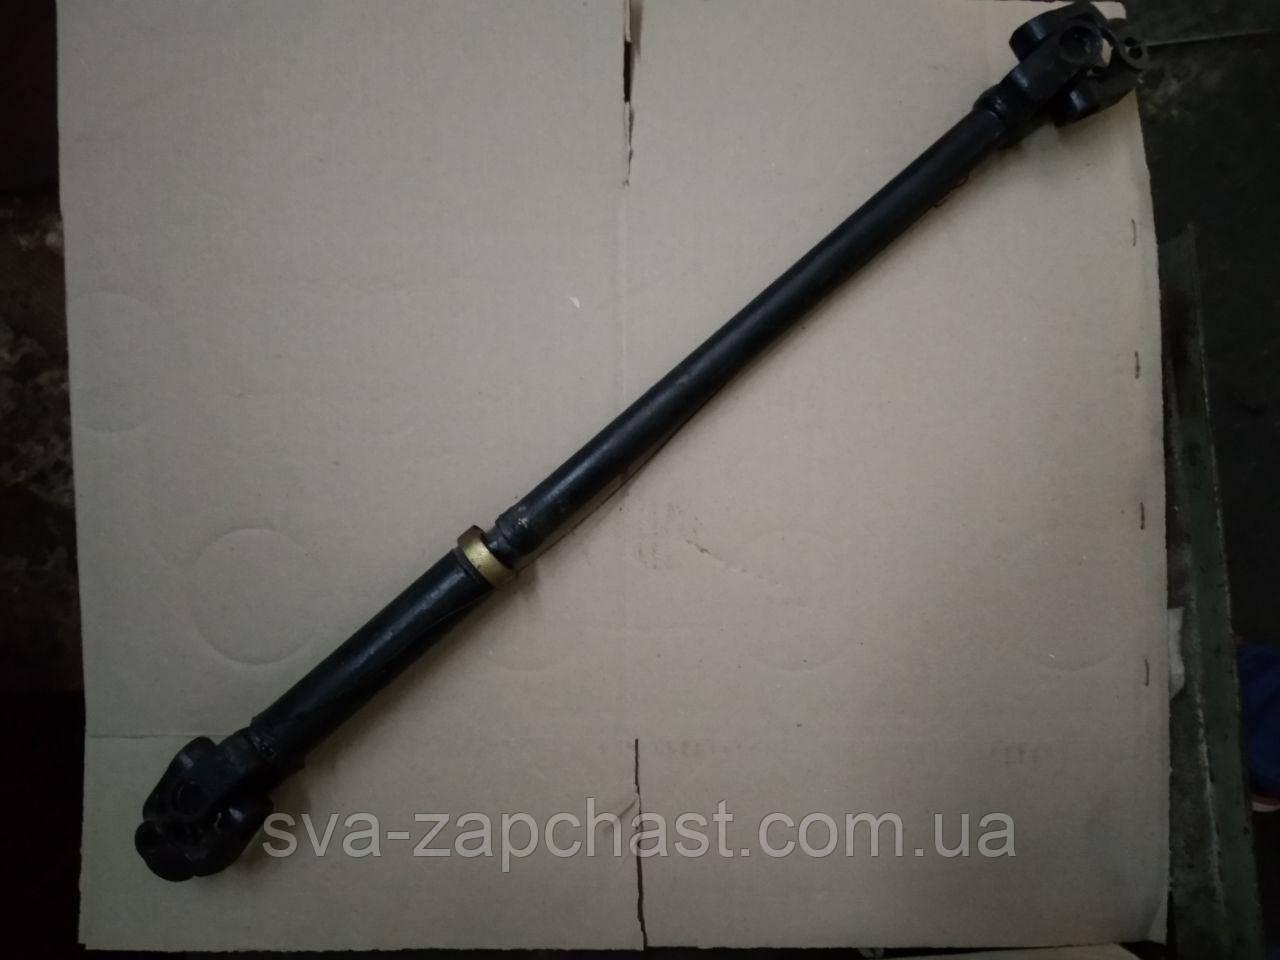 Вал рулевого управления ГАЗ 4301 шлицевой 670мм 4301-3401440-05